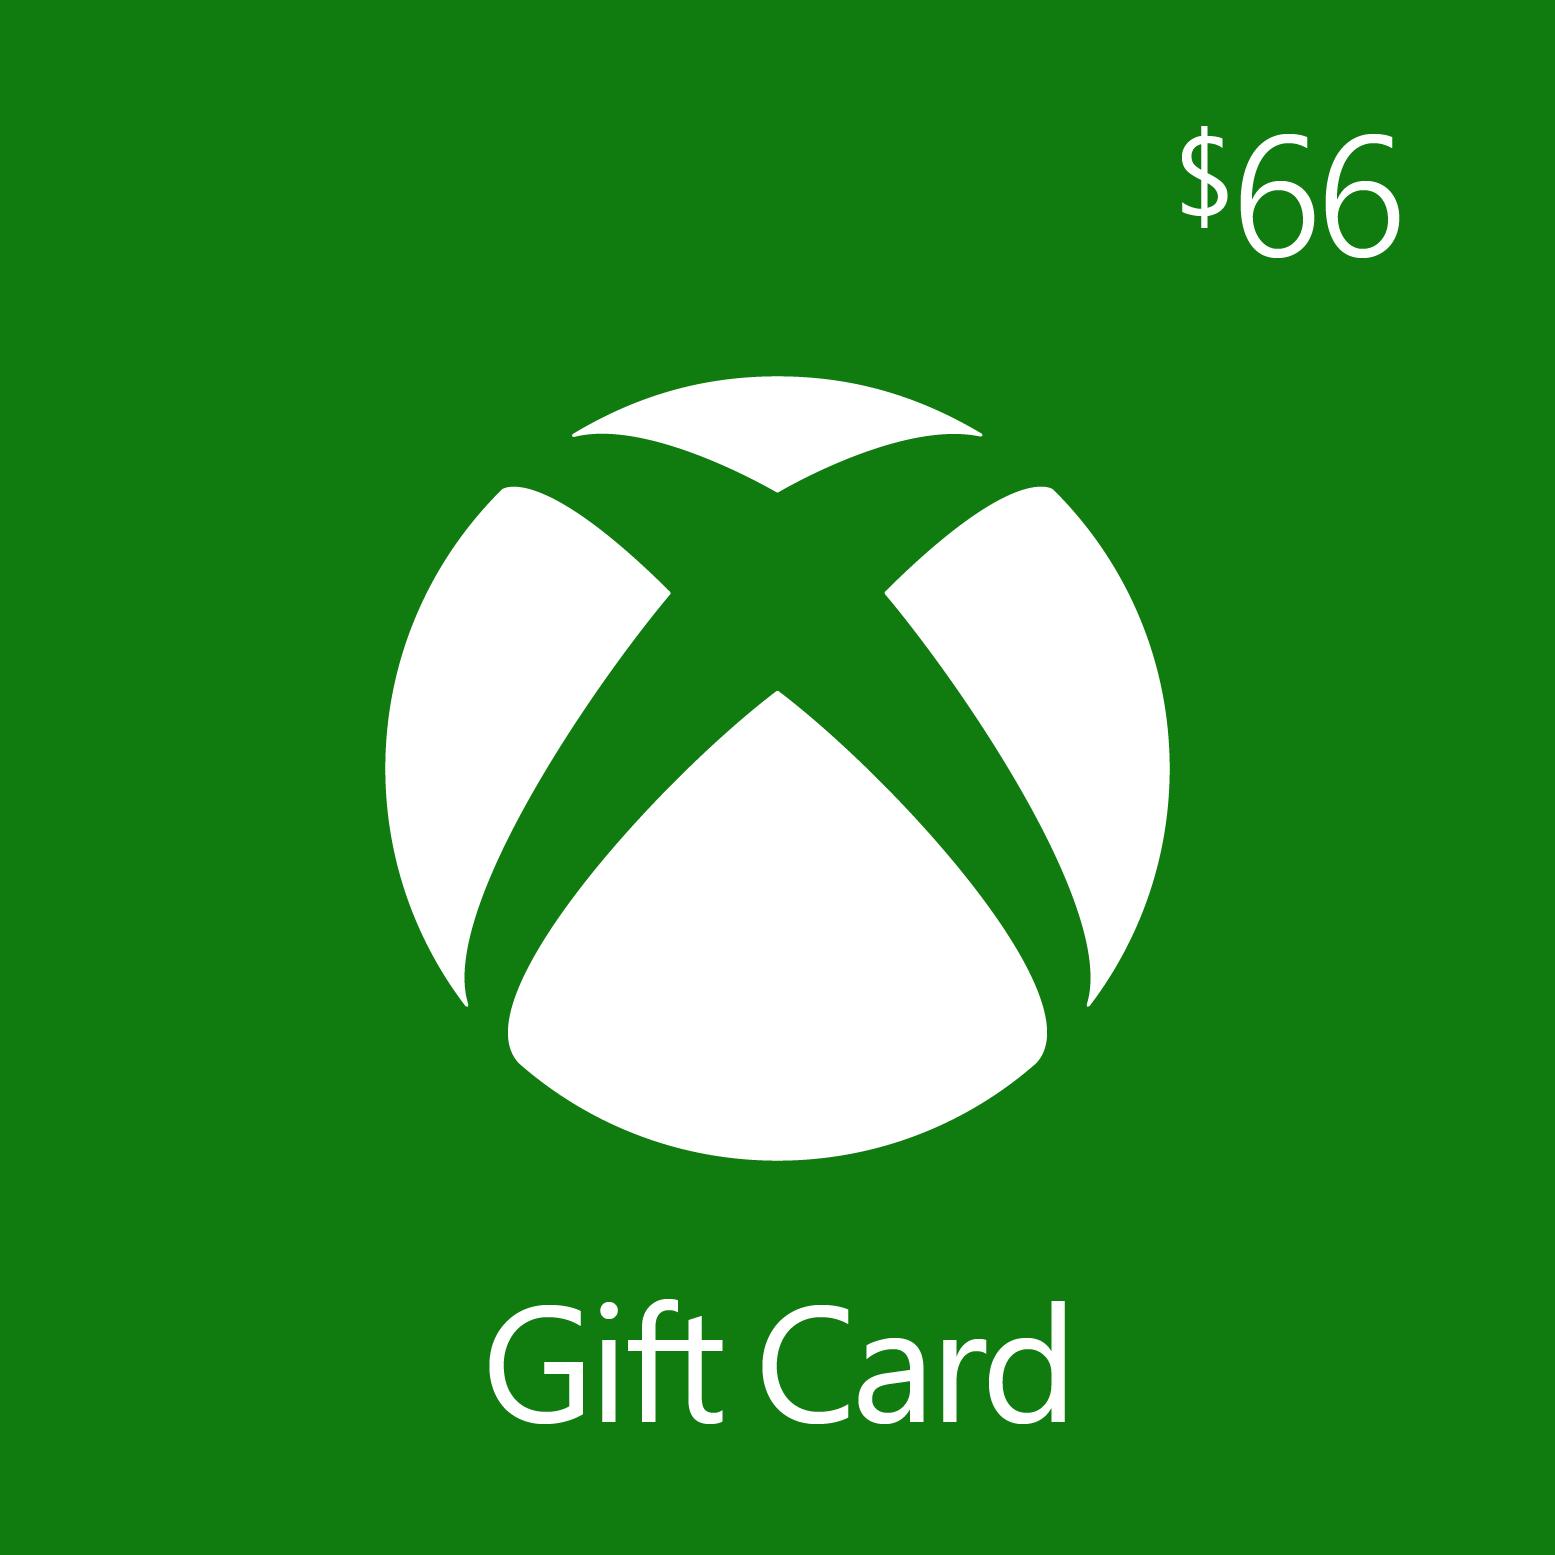 Xbox Digital Gift Card: $66.00